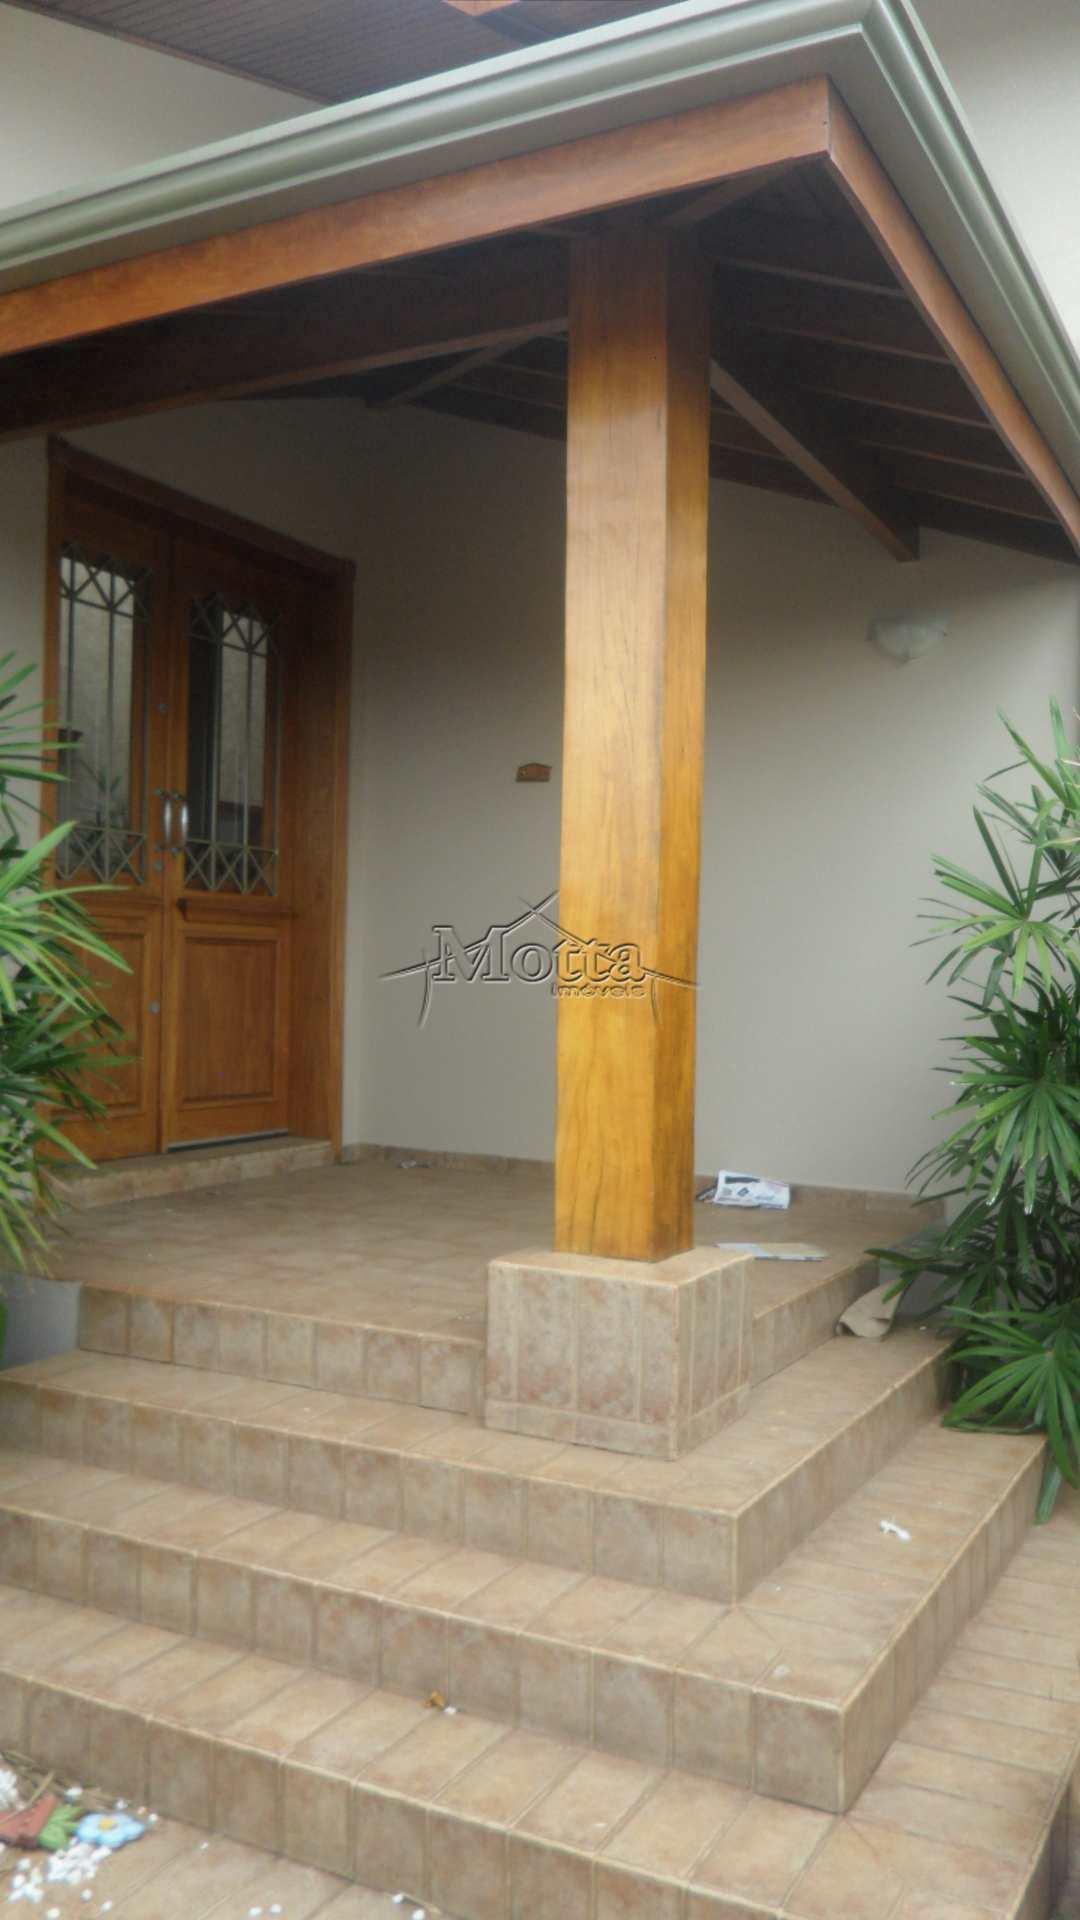 Casa 3 dorms, Suite, Armarios, Piscina, Jd Acacias -  Cod: 264